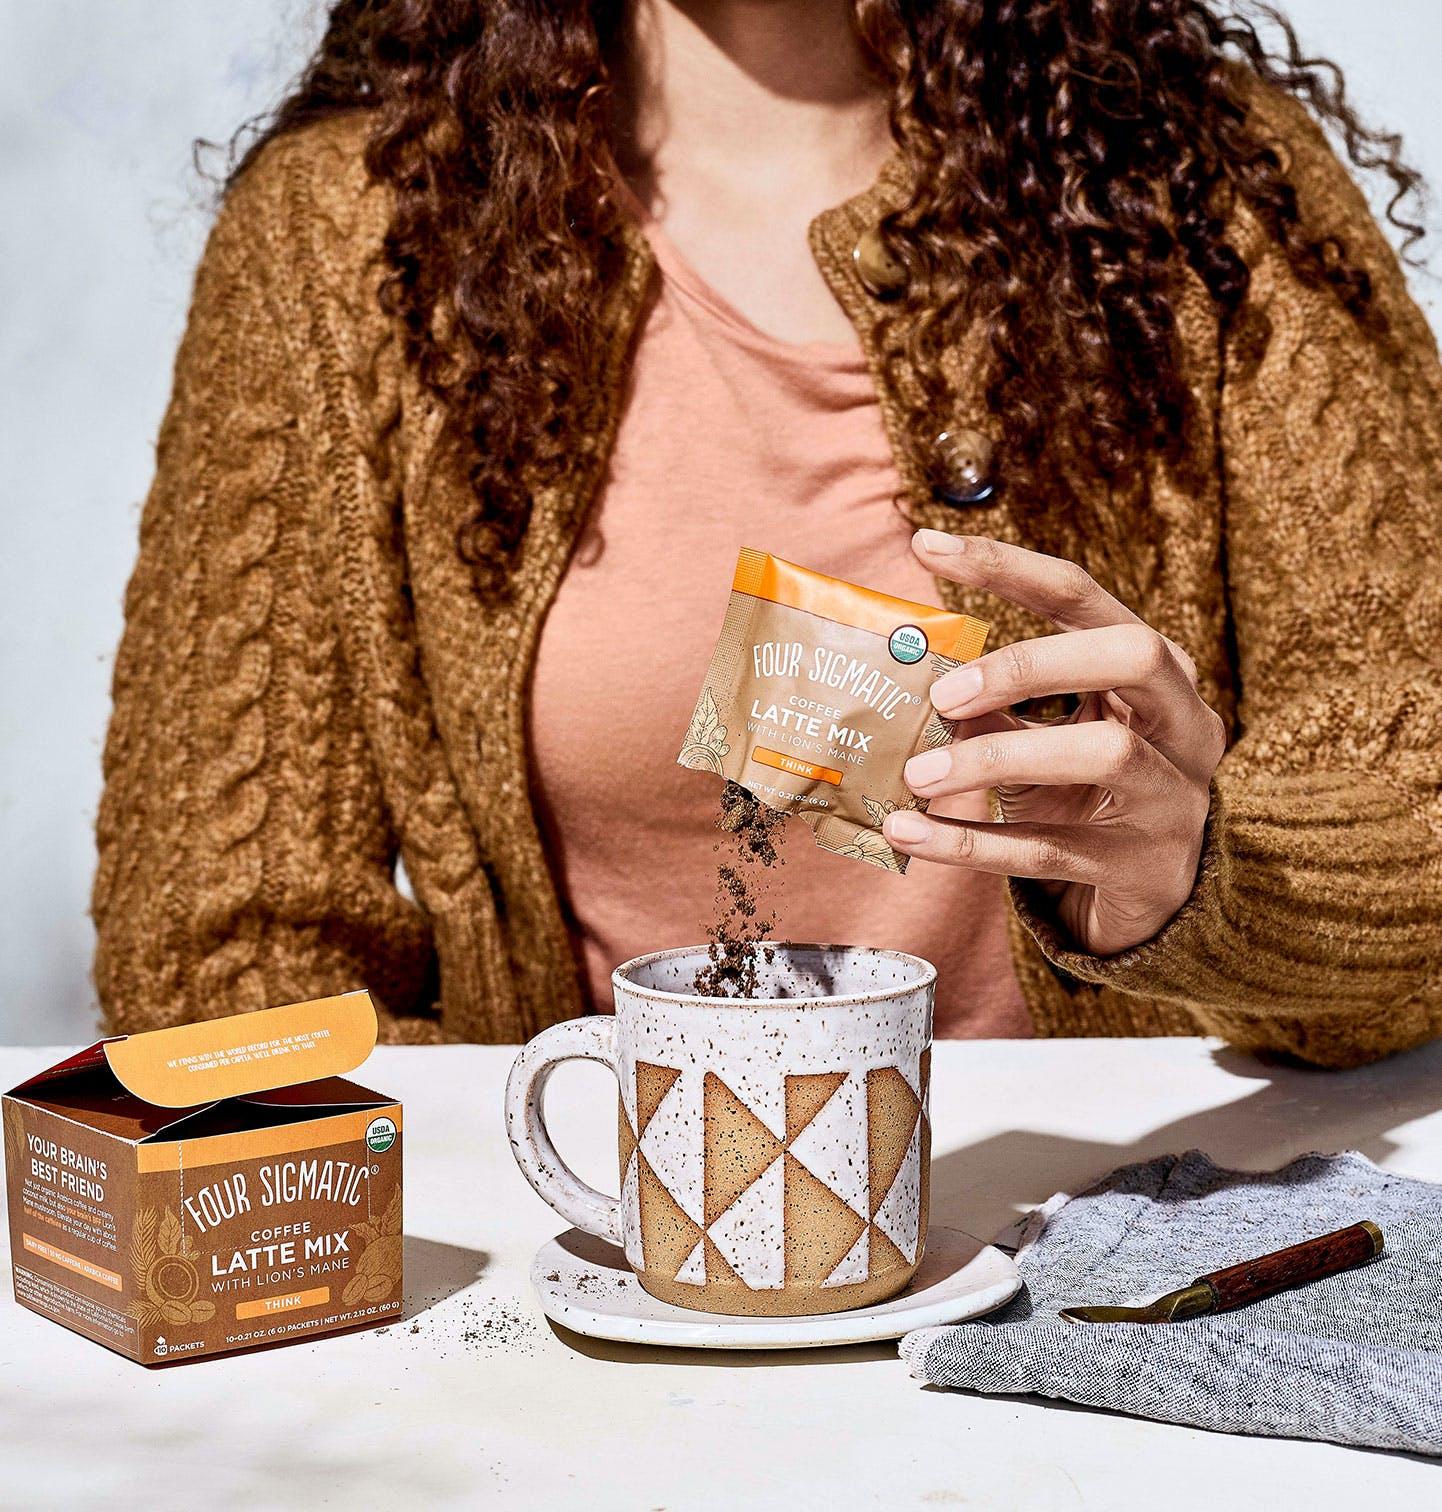 Mushroom Coffee latte Pour